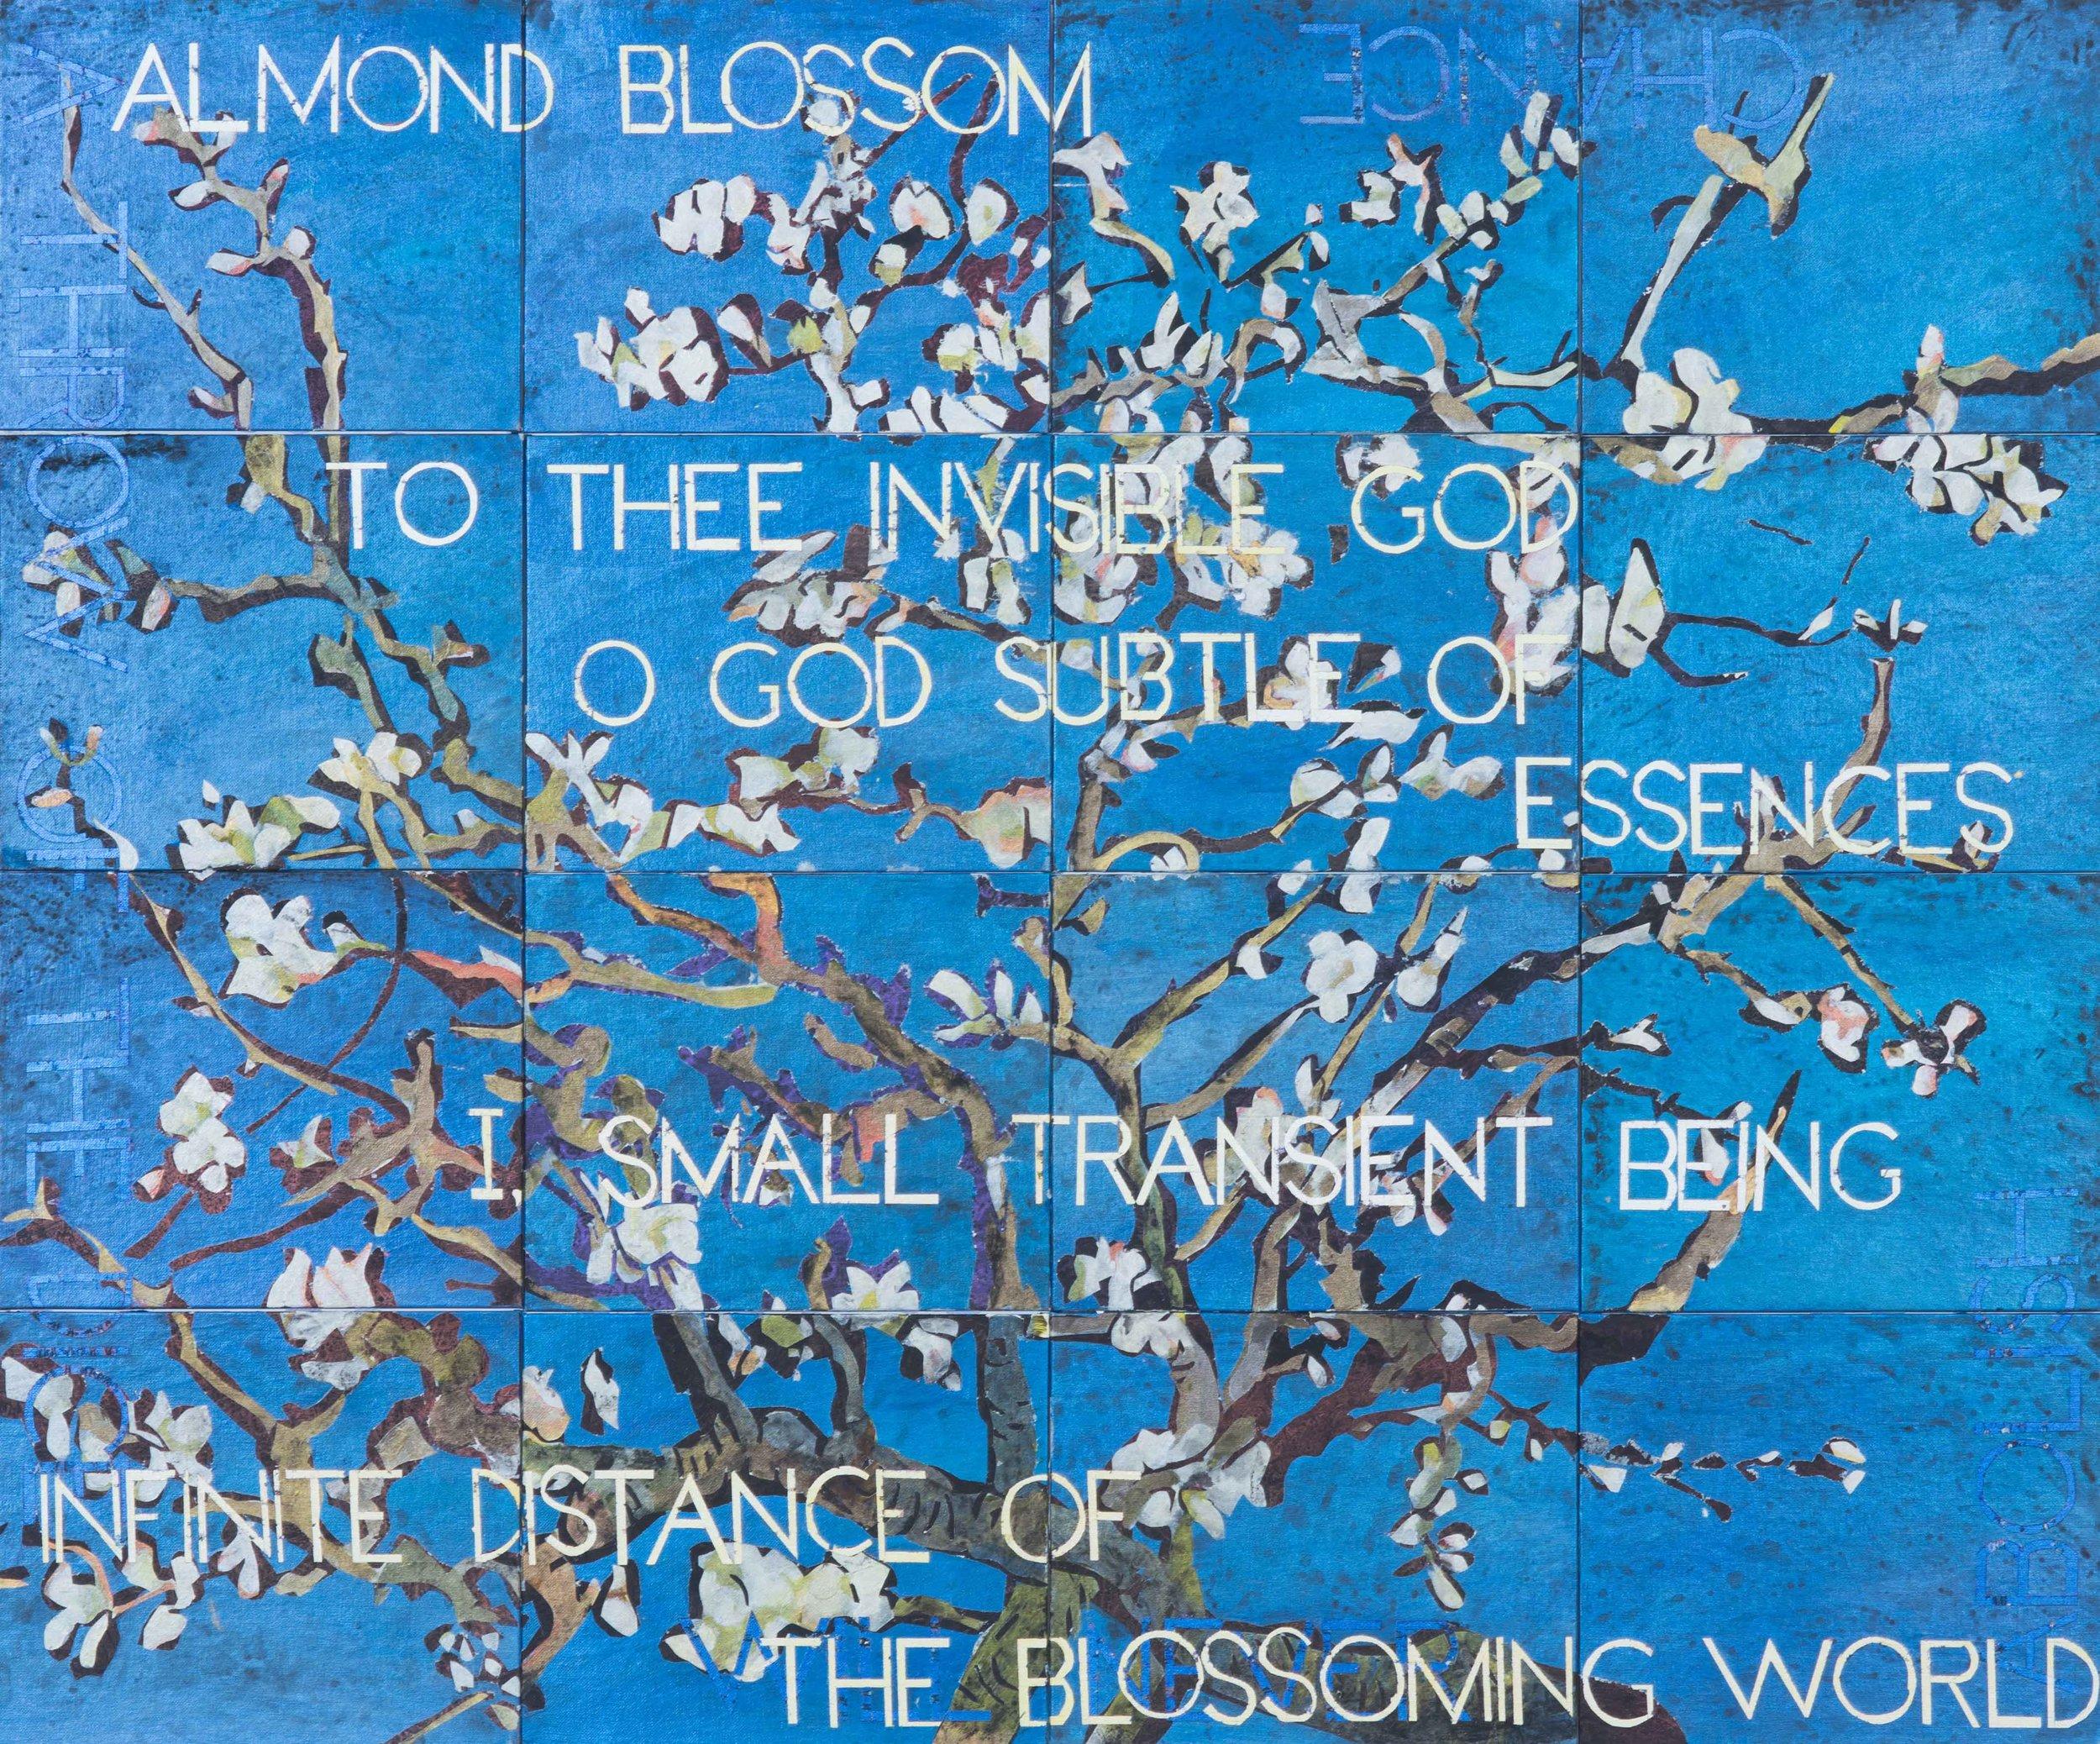 Almond Blossom, 2017